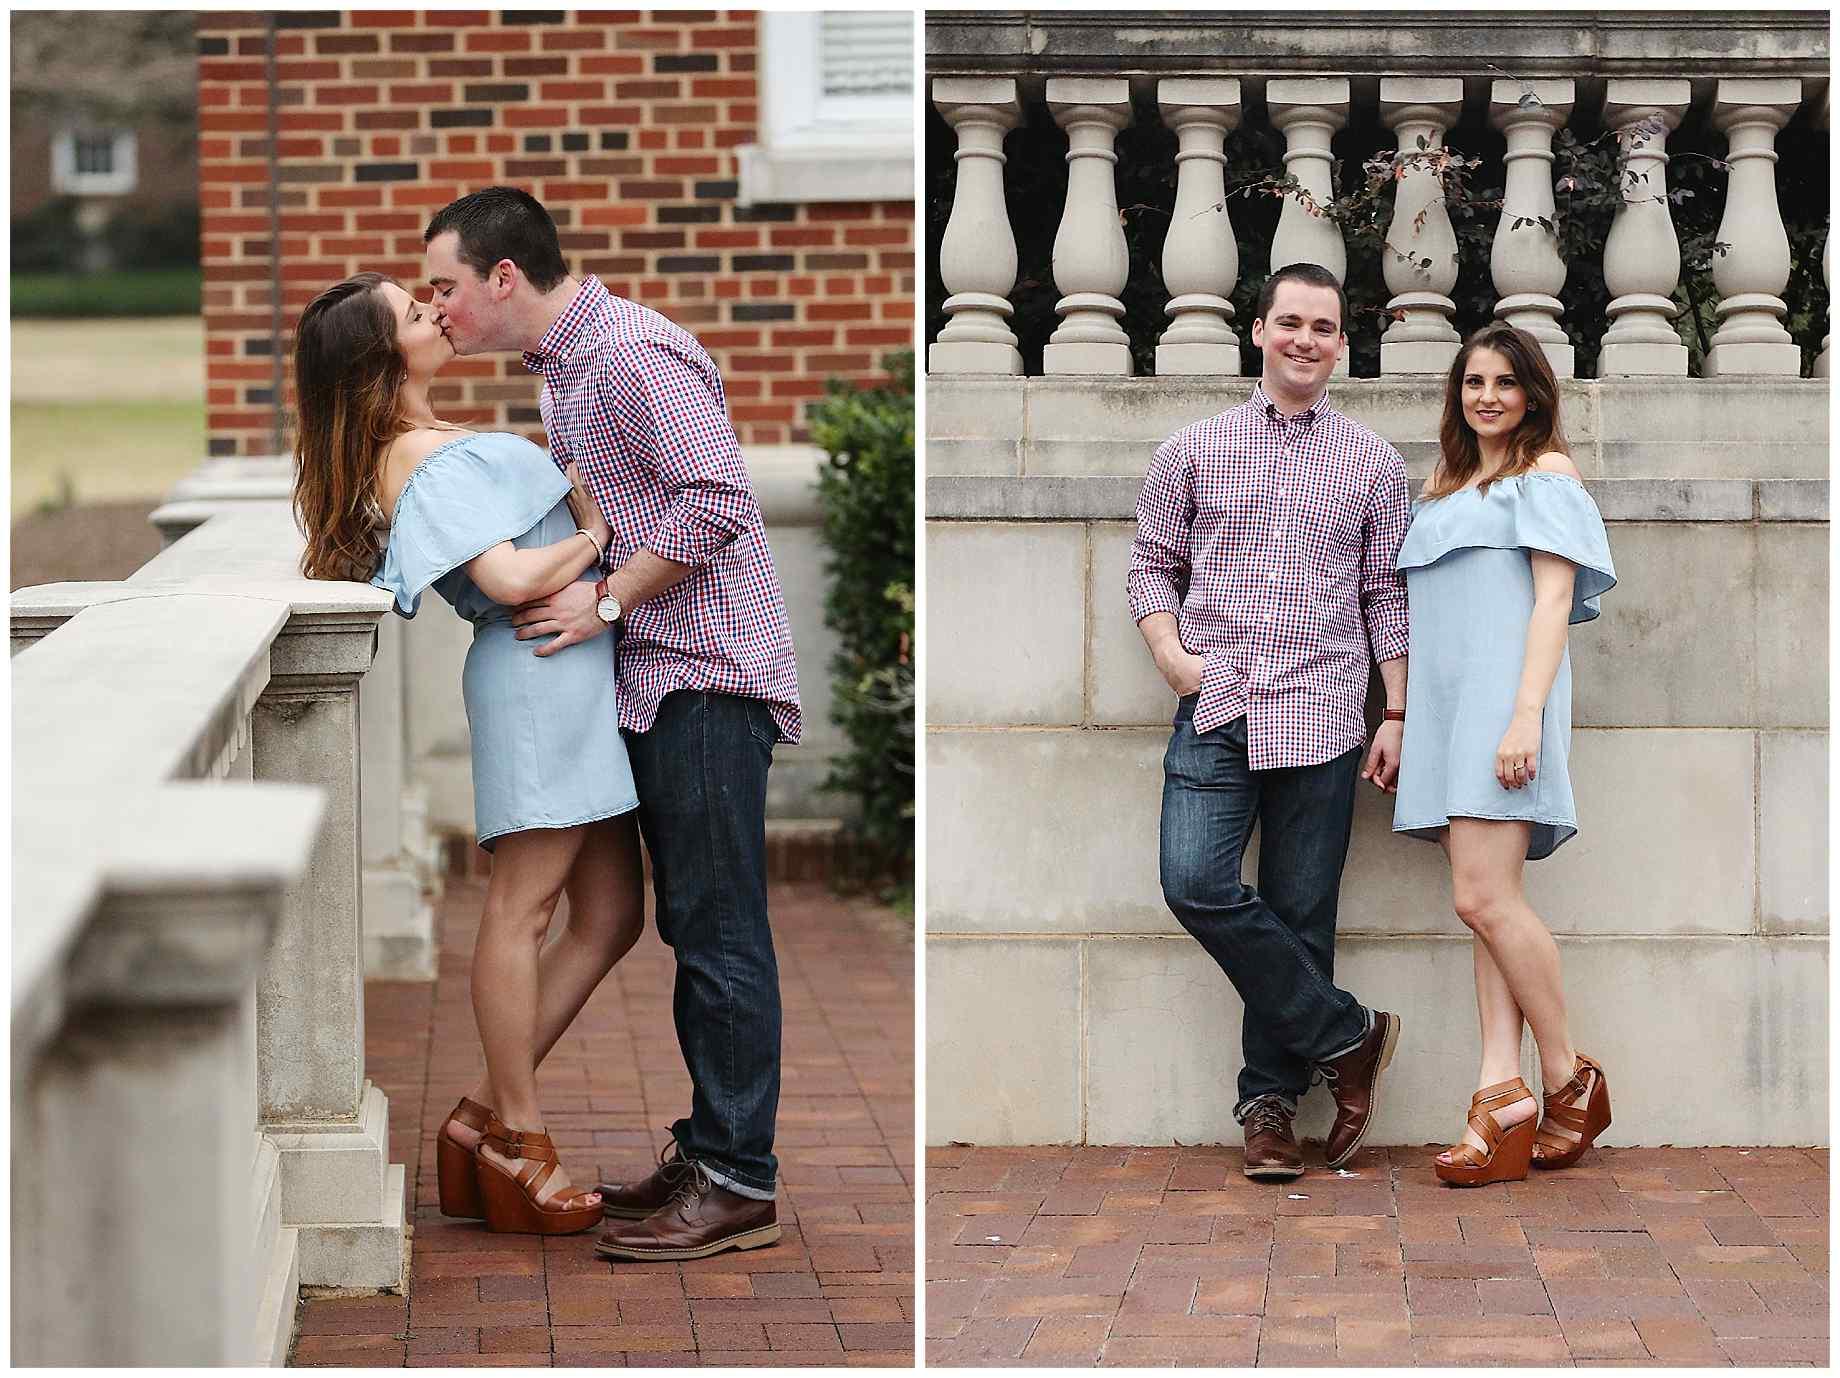 smu engagement photo